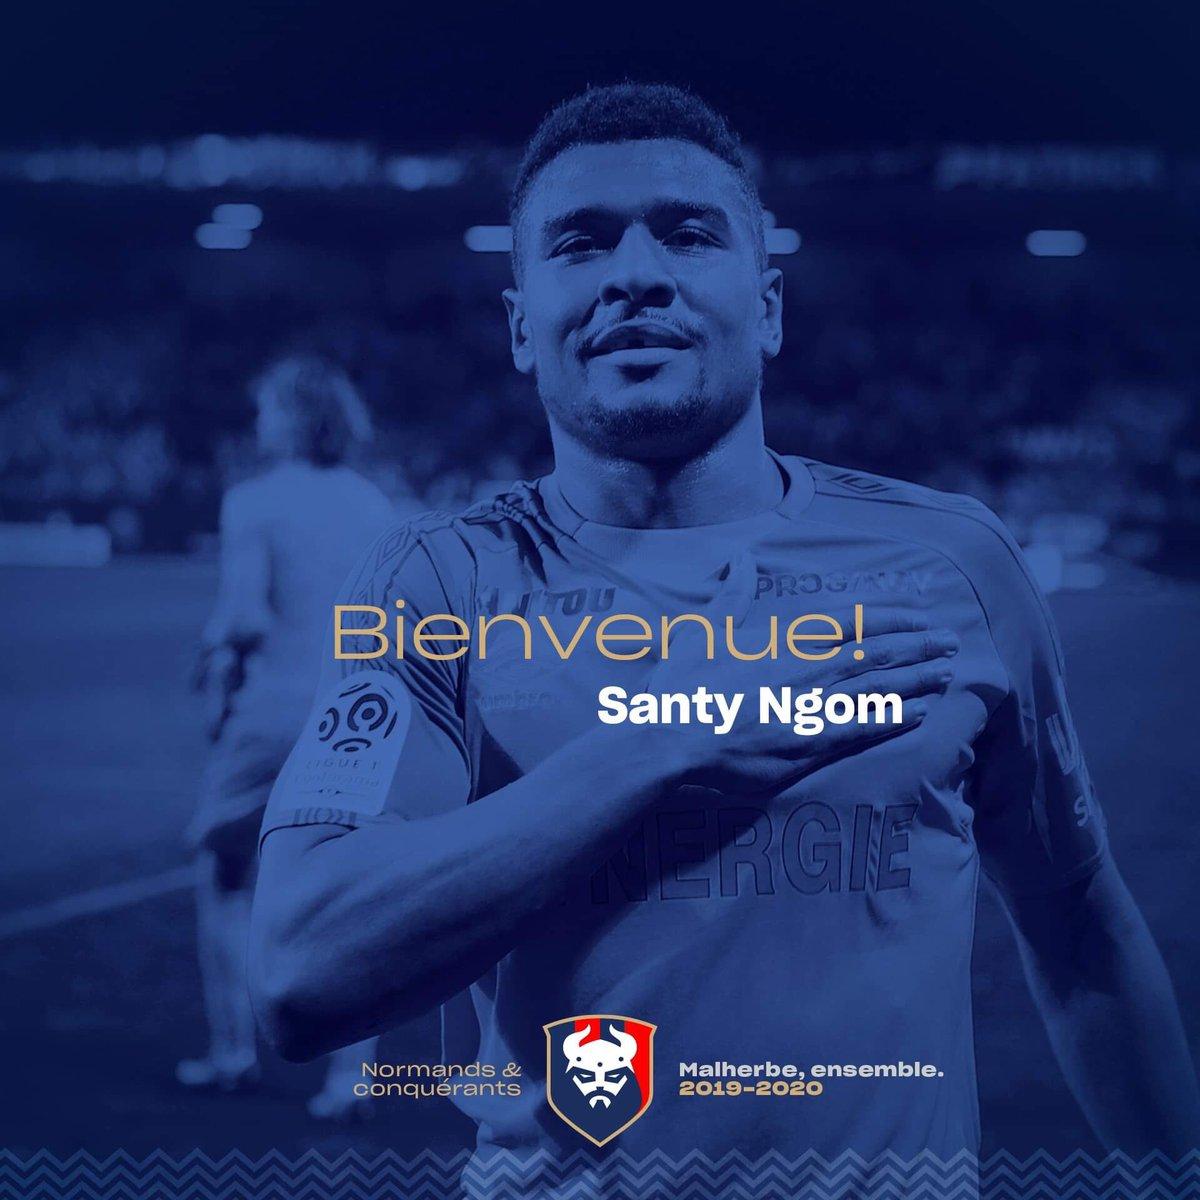 Santy Ngom